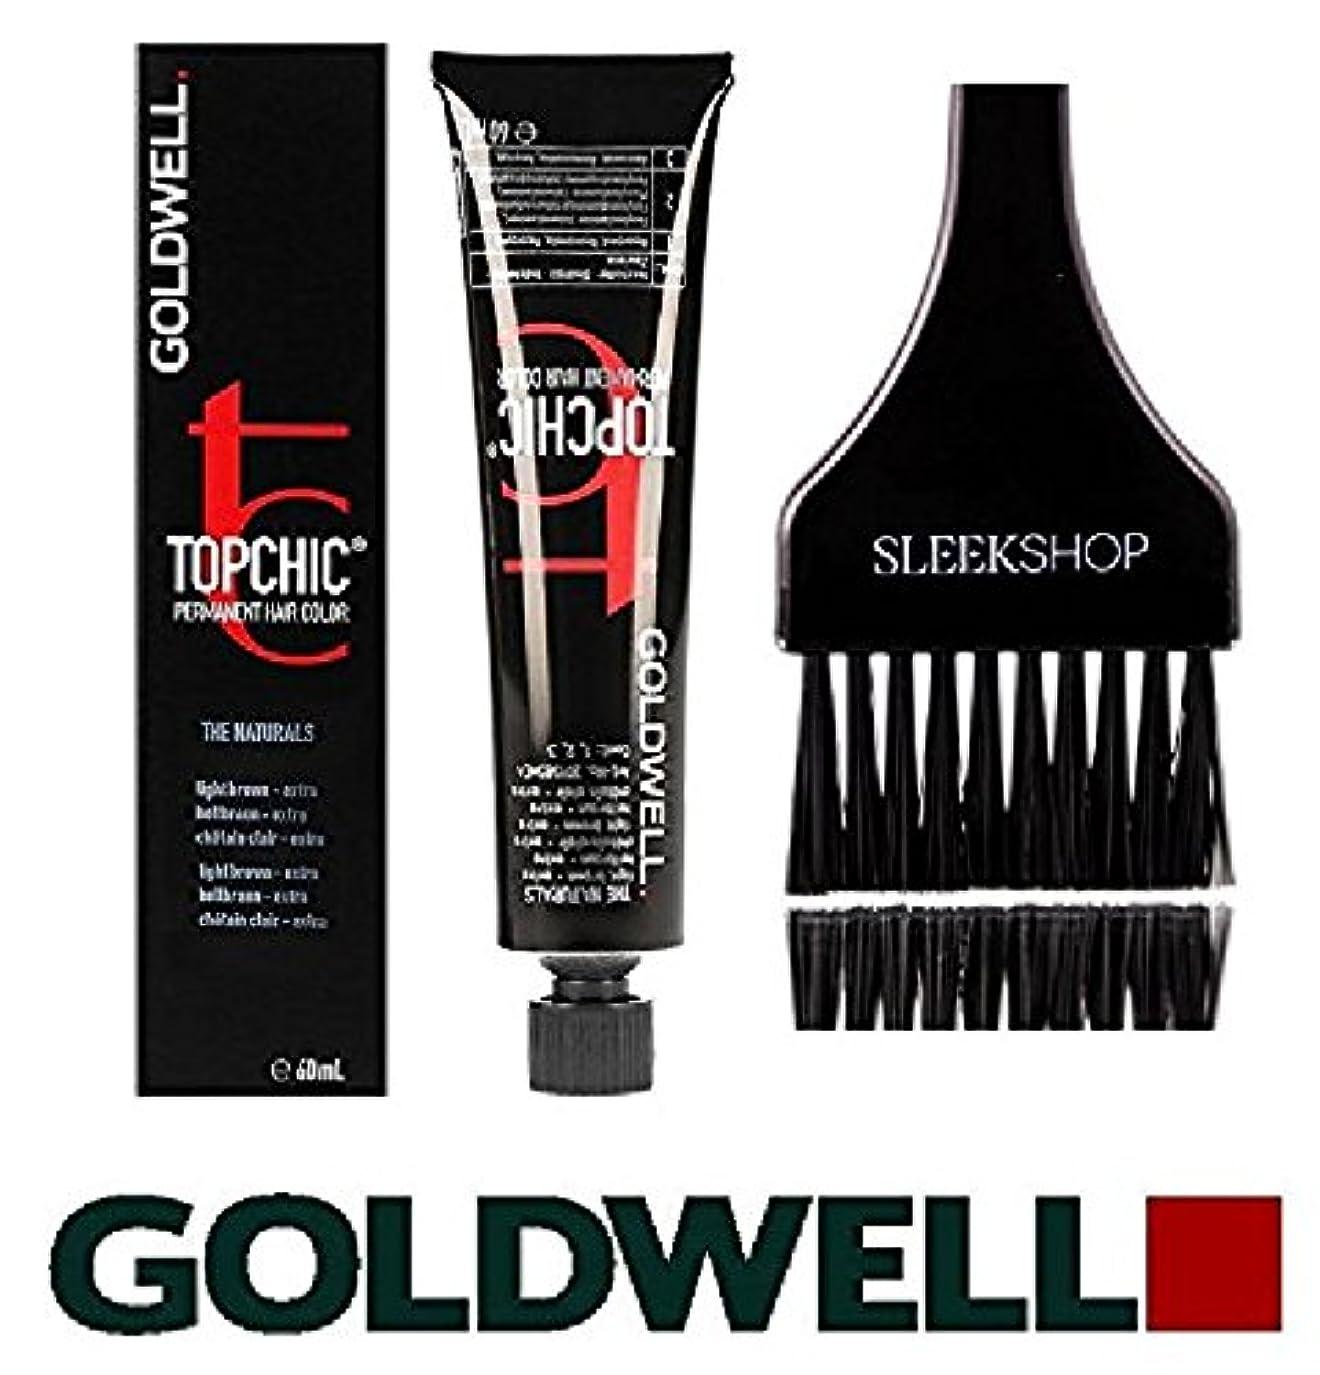 にスカイ面白いTopchic by Goldwell Goldwell Topchicパーマネントヘアカラー、(なめらかな色合いのカラーブラシで)2.1オンスチューブ 7naミッドナチュラルアッシュブロンド